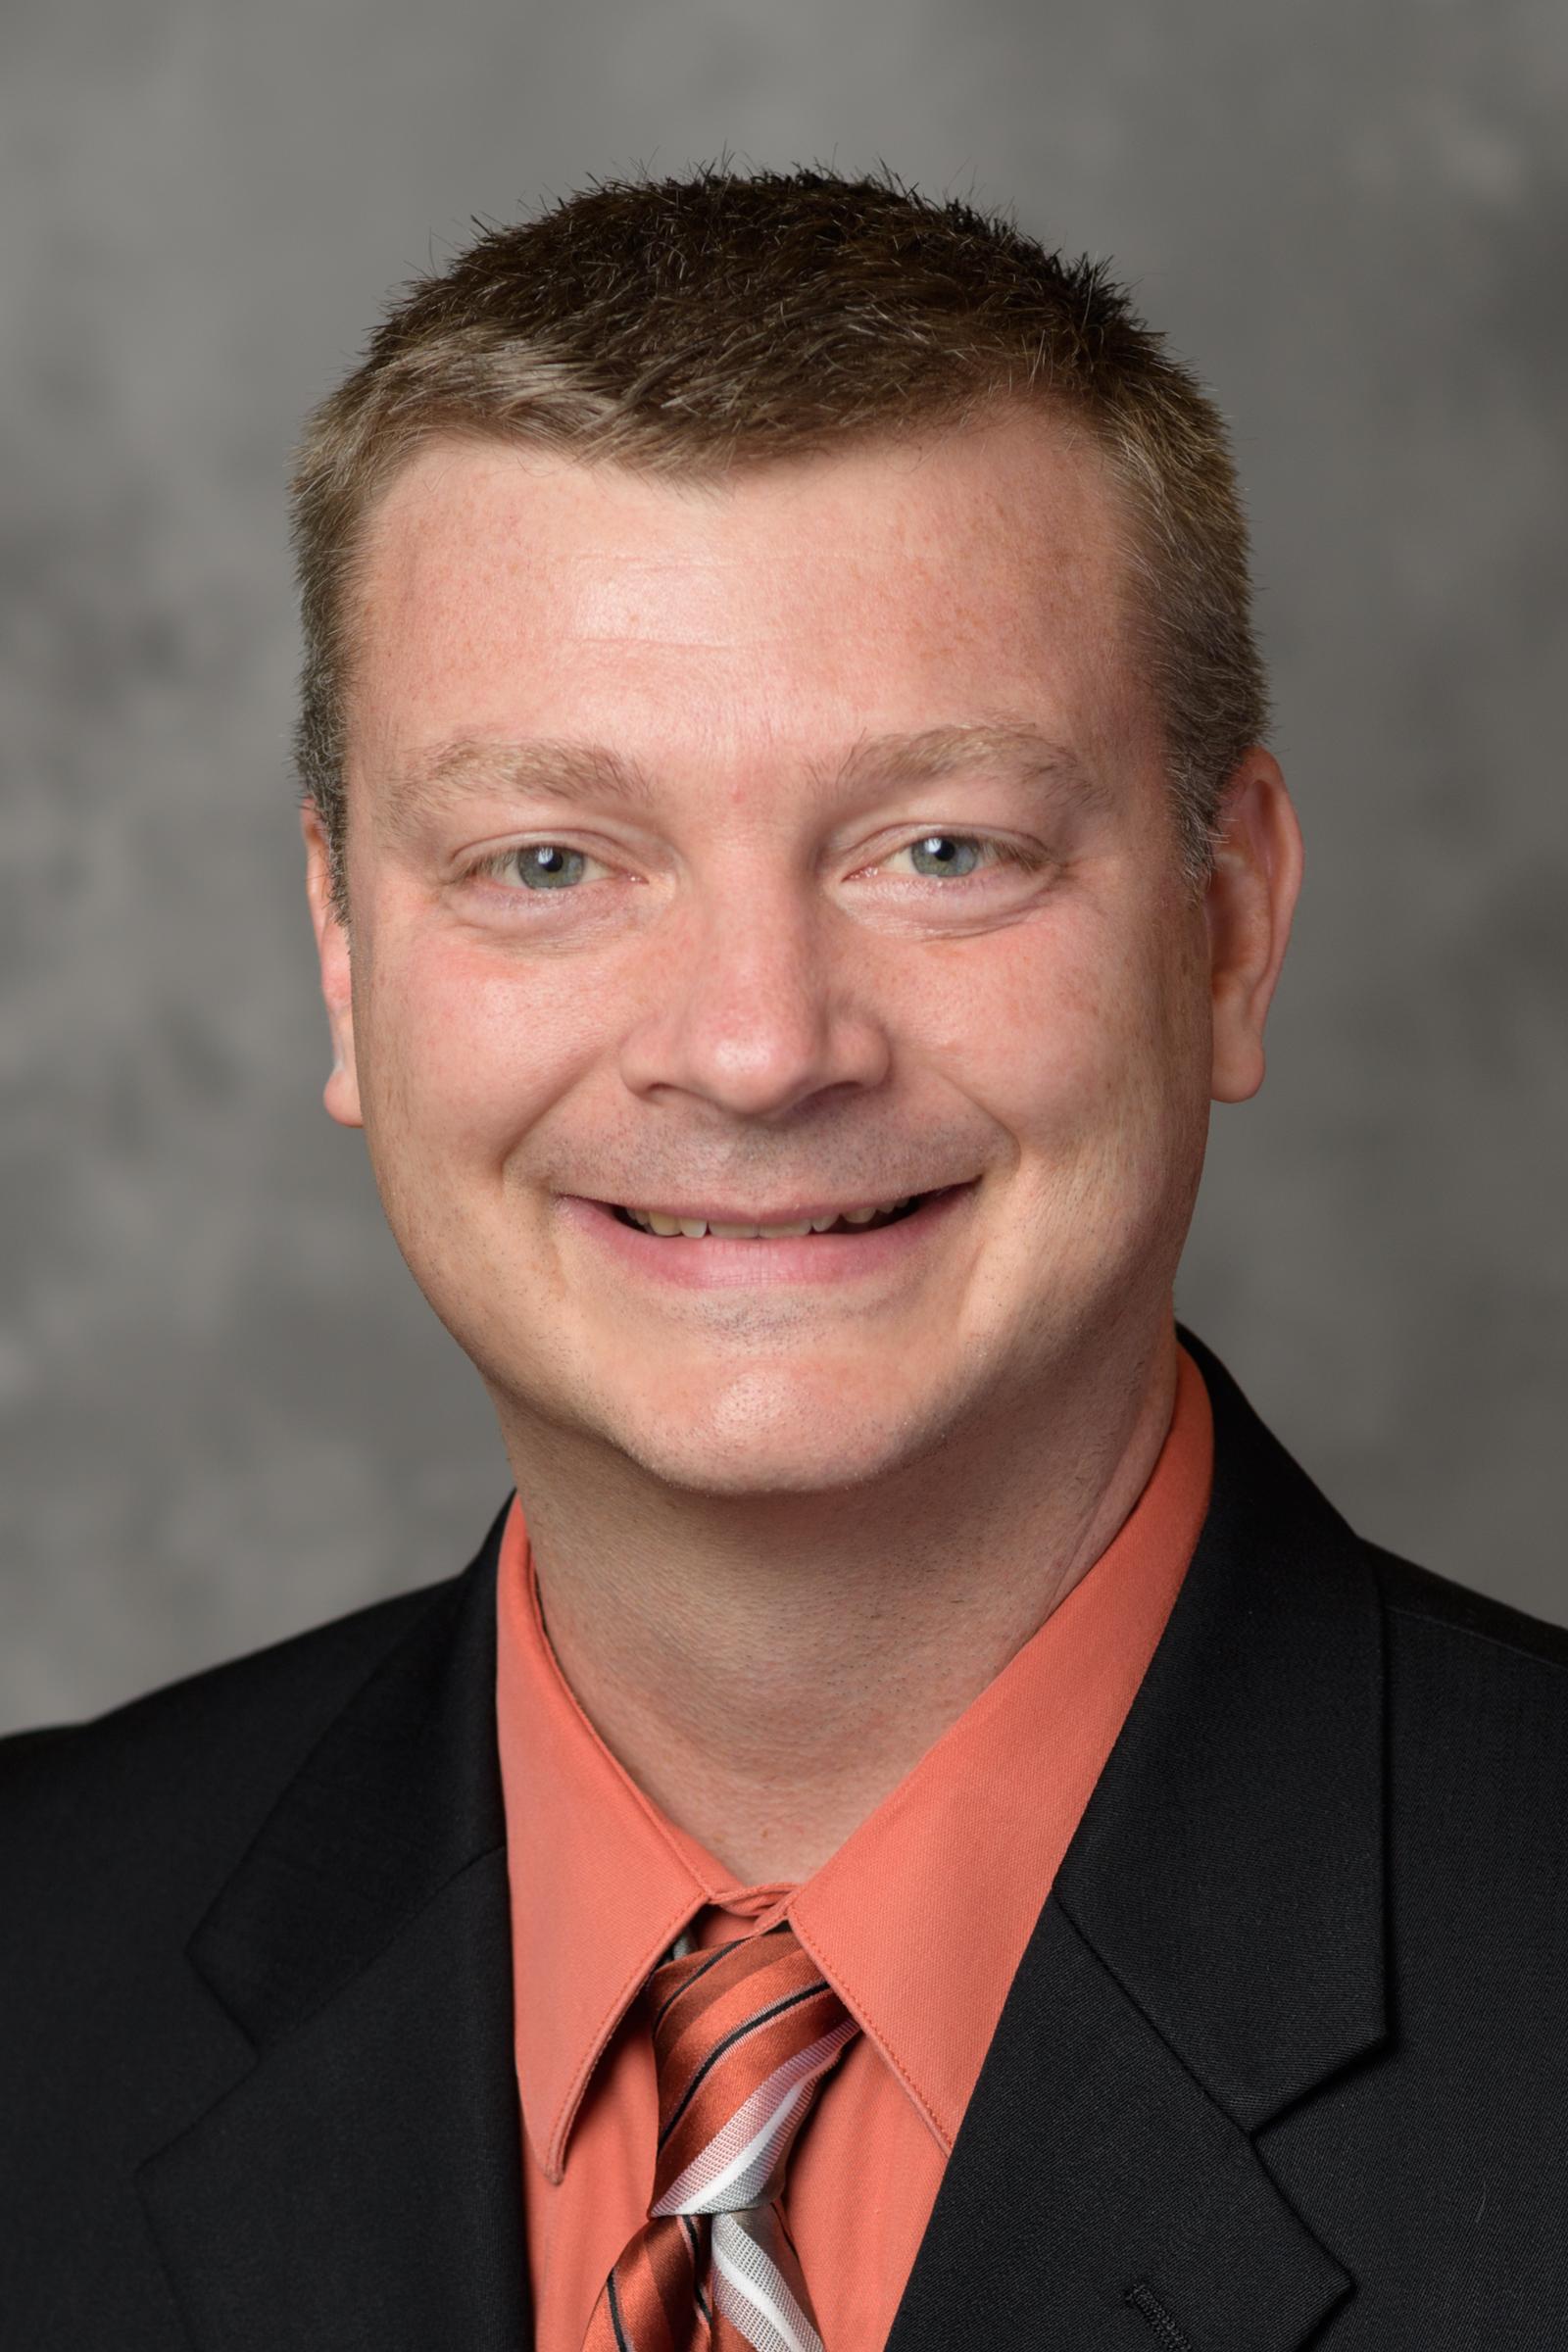 Daniel Gaines